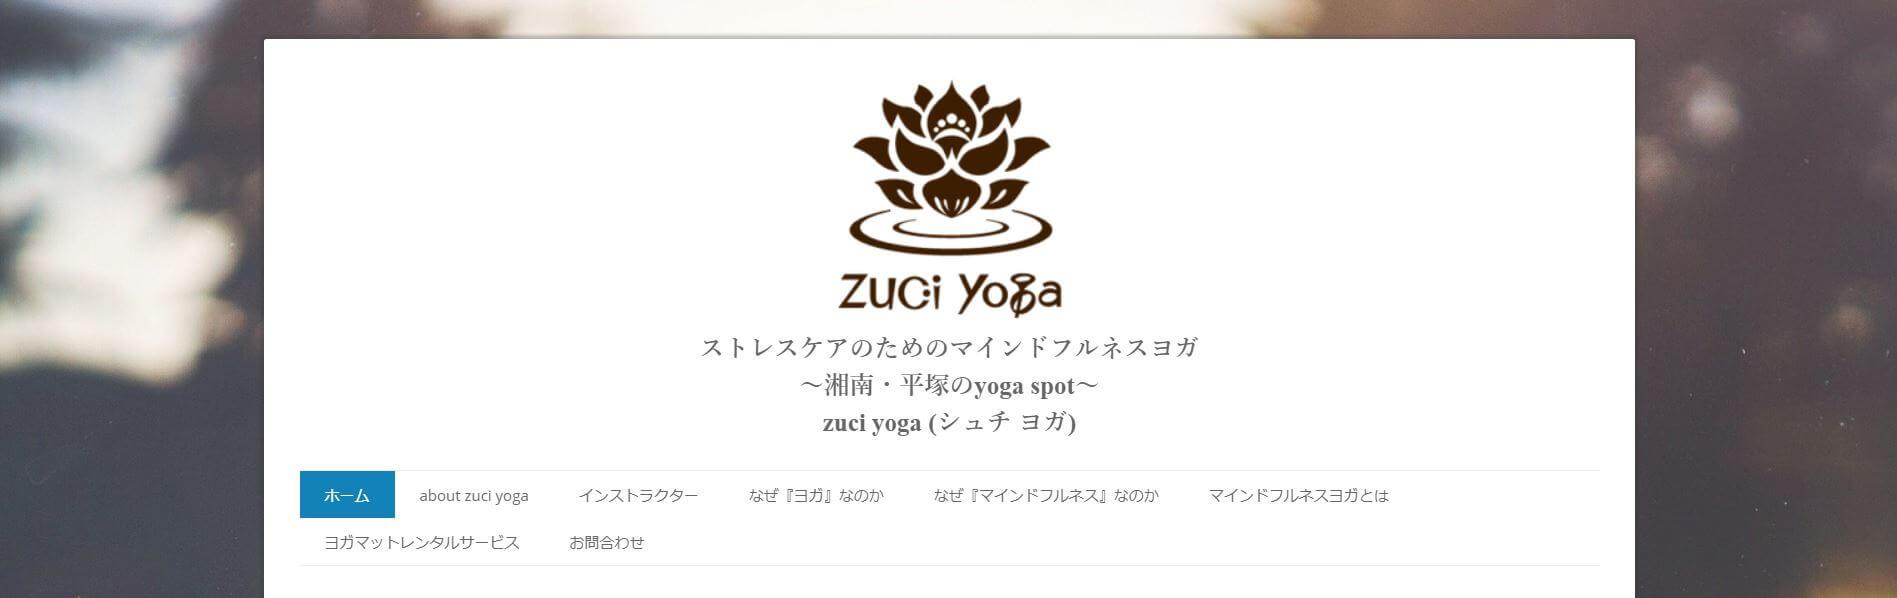 zuci yoga(シュチ ヨガ)